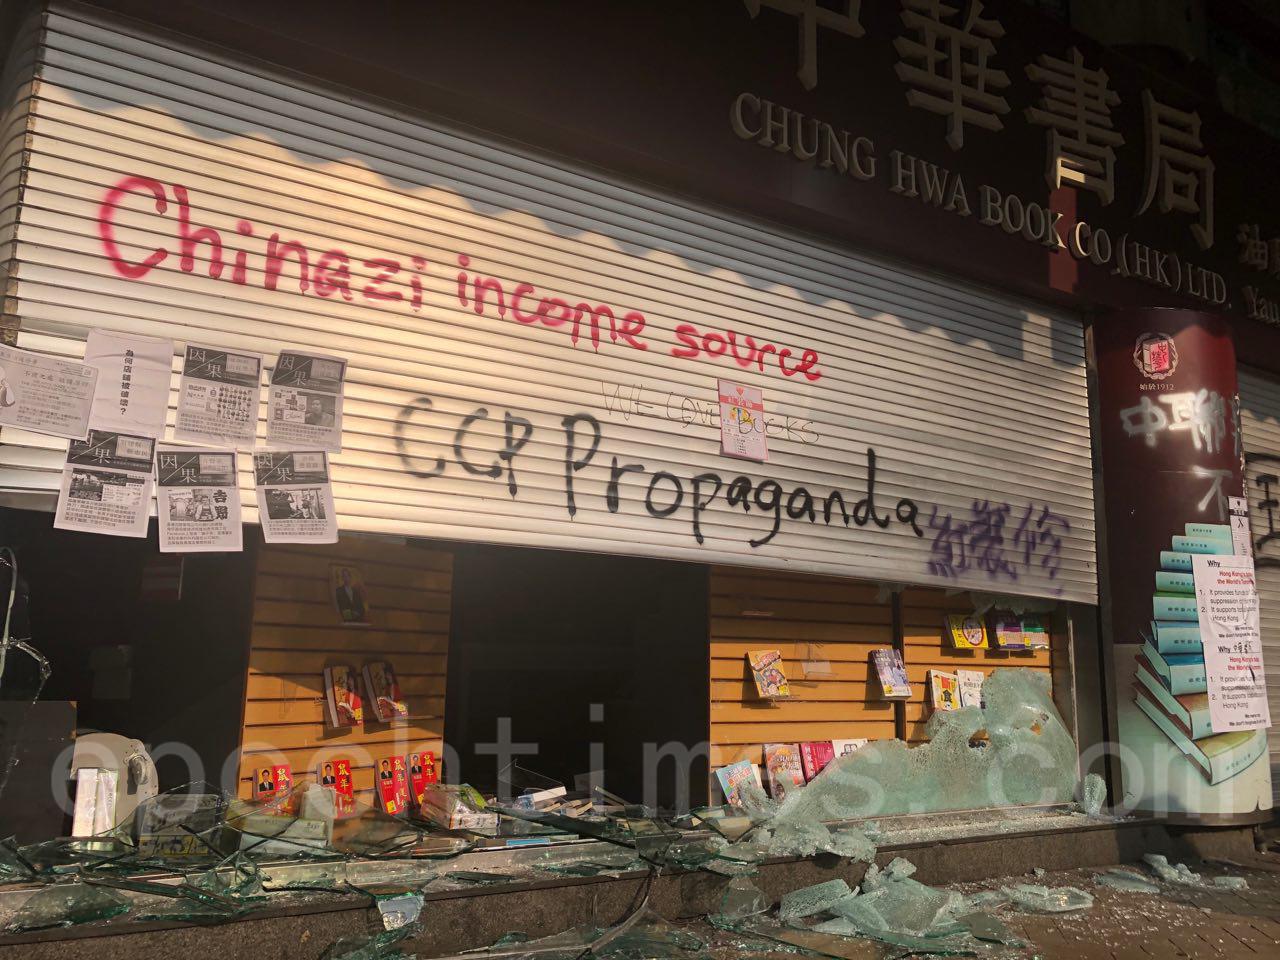 20日下午油麻地中華書局被砸,被塗污,有民眾表示,疑是喬裝示威者砸的。(余天佑/大紀元)